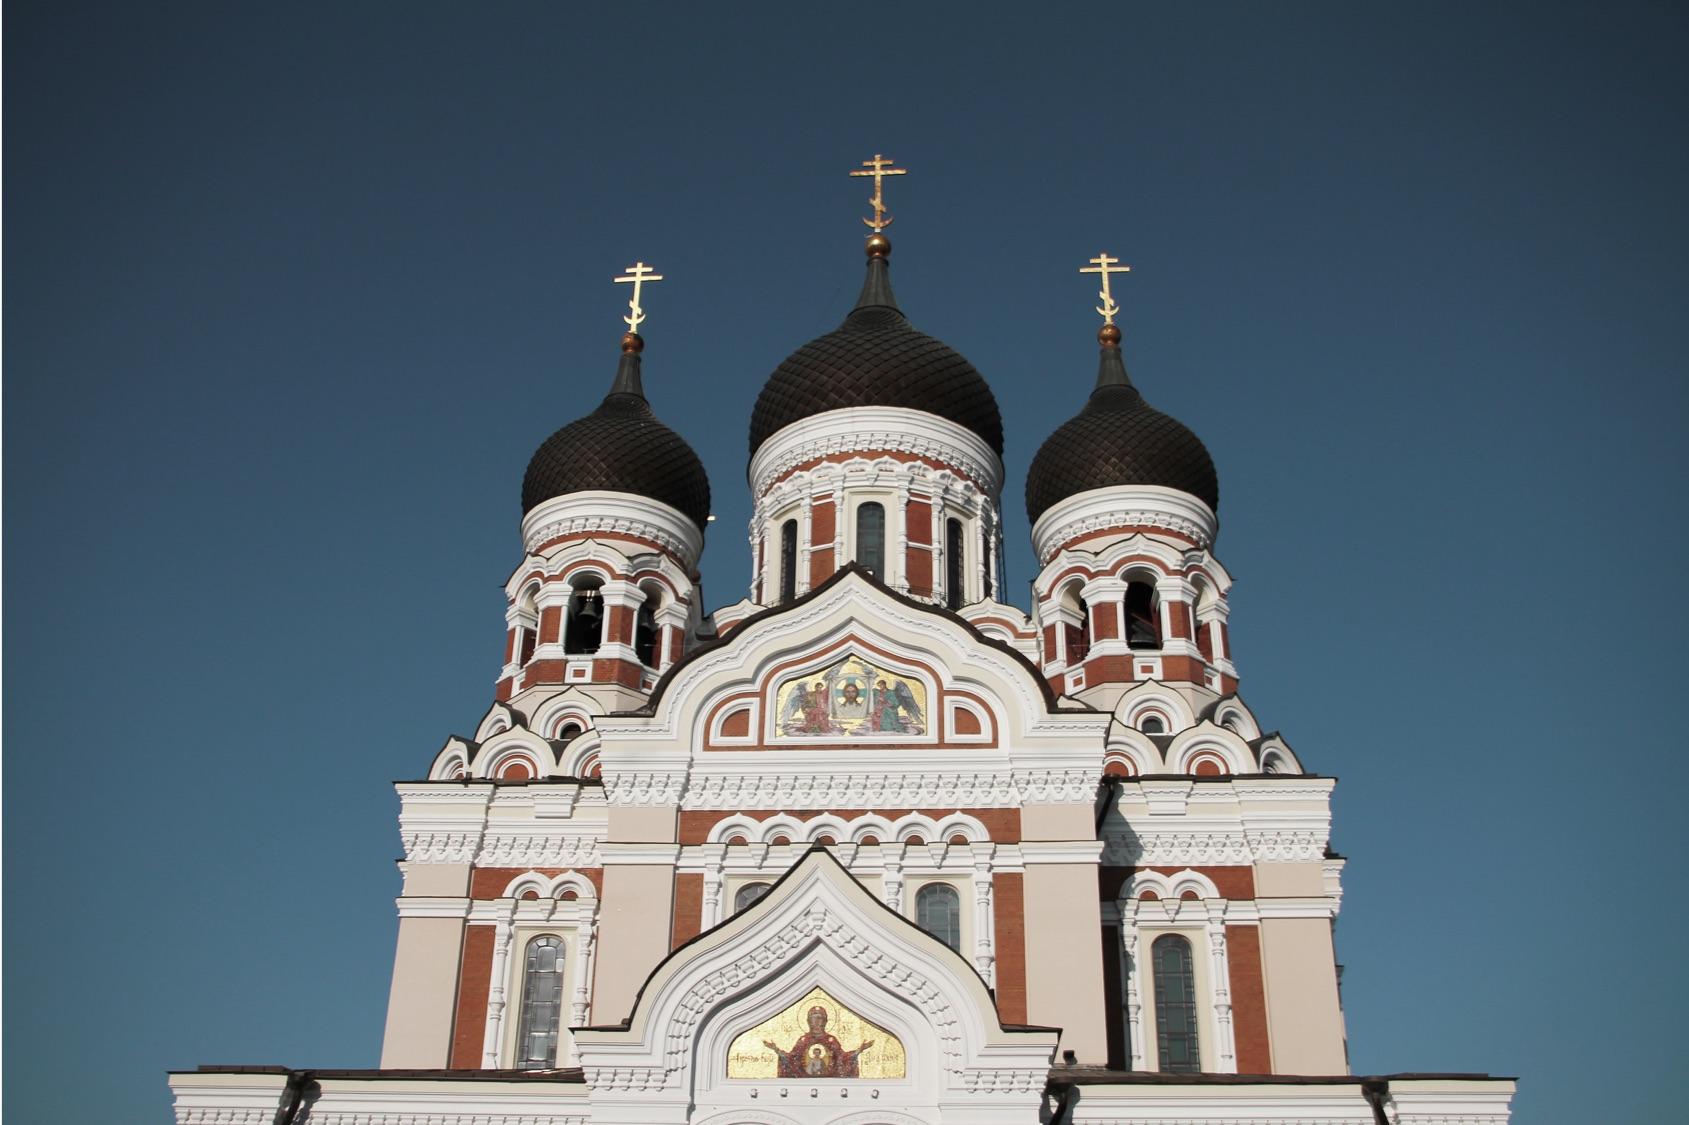 2022年 5/27 北歐豪華遊輪之旅12日 6/1 愛沙尼亞塔林 Tallinn, Estonia